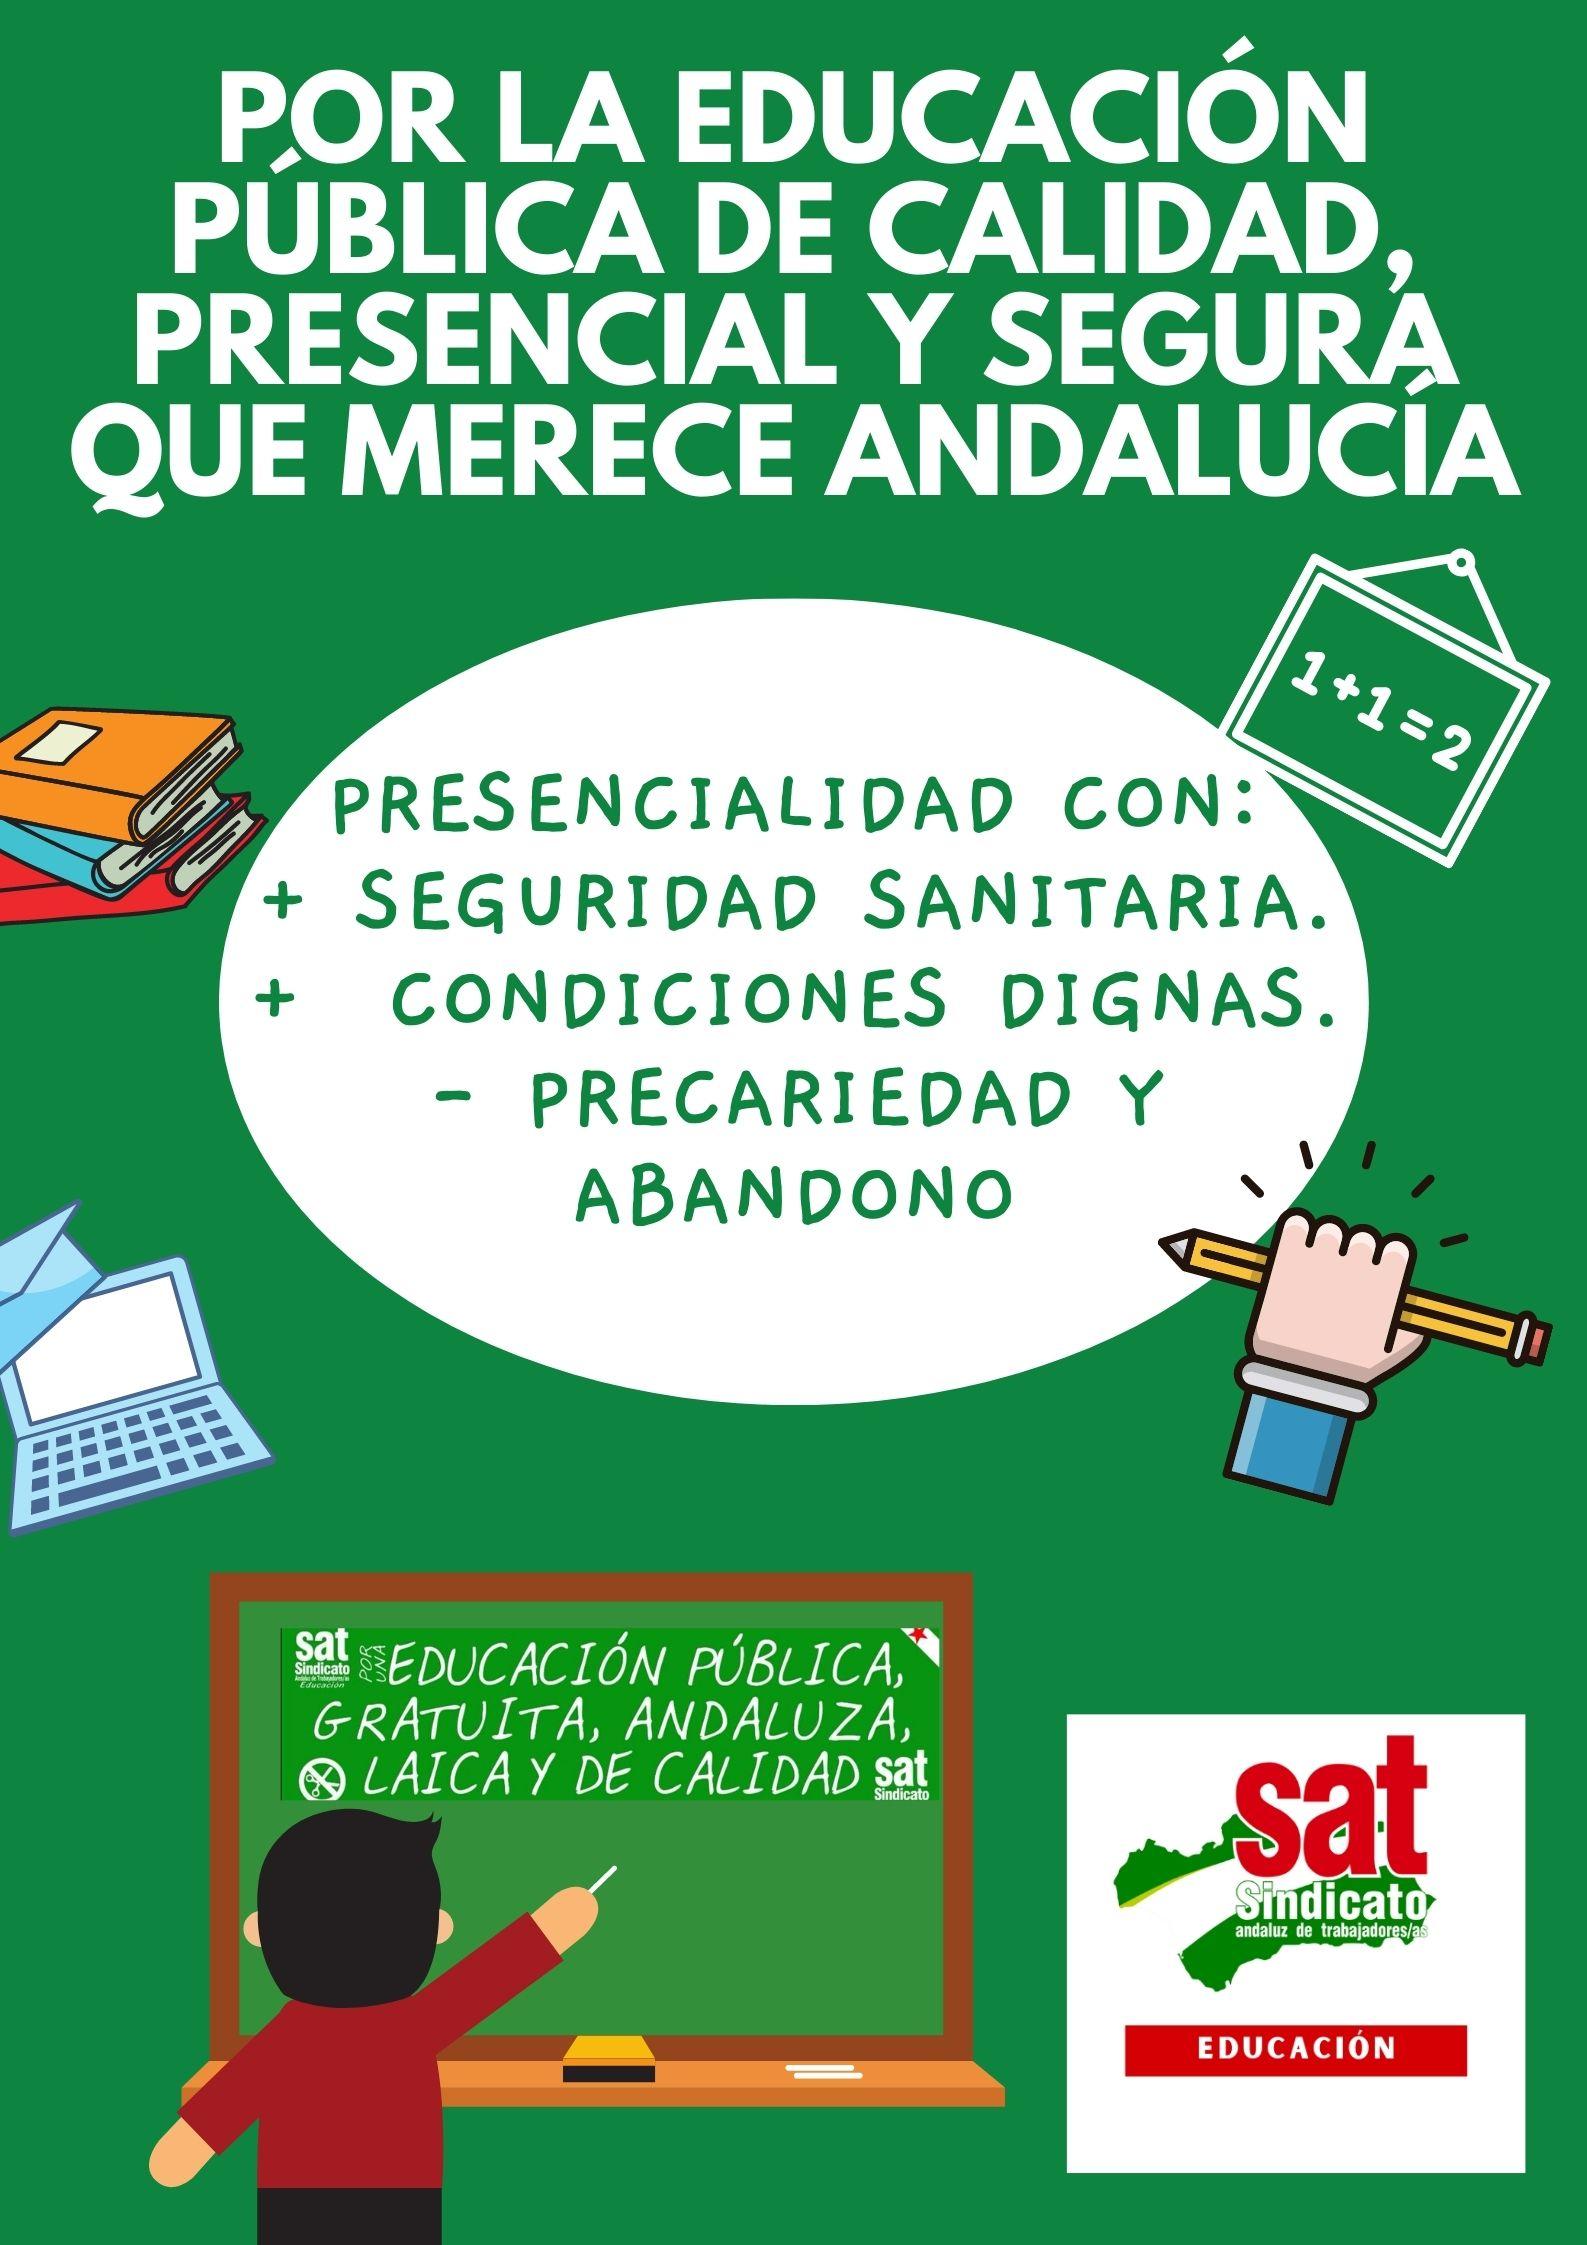 por la Educación Pública de calidad, presencial y seguraque merece Andalucía